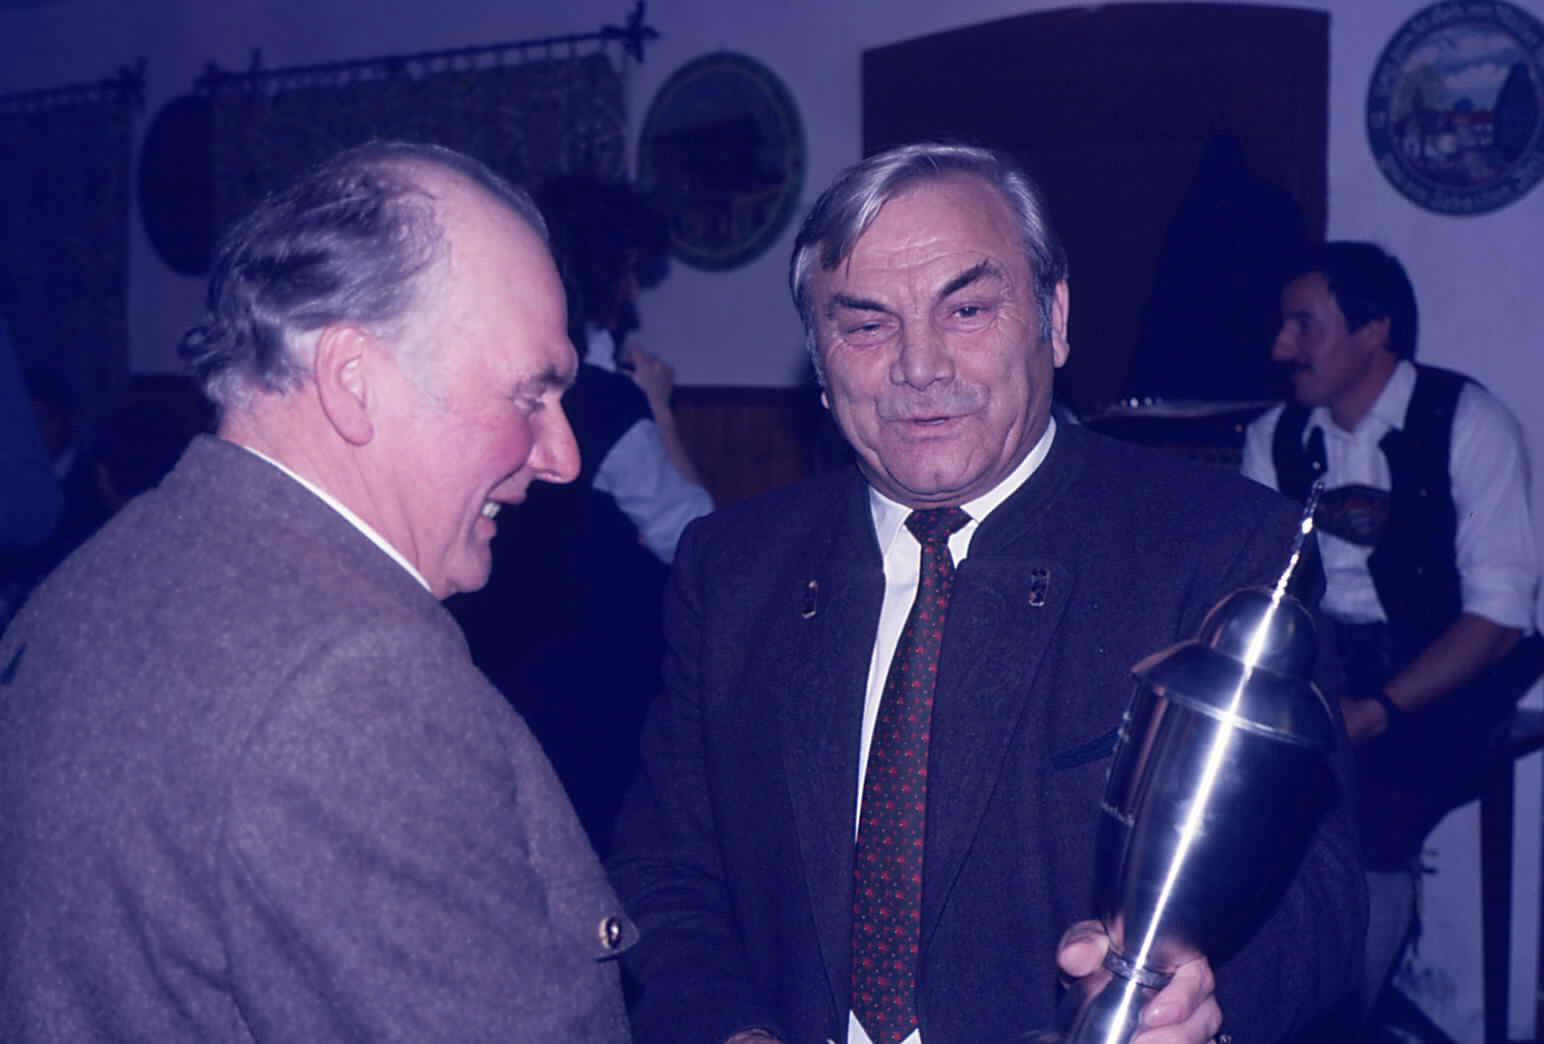 Preisverteilung Gemeindepokal 1985 Bürgermeister Josef Kalkhofer überreicht Siegerpokal an Georg Portenlänger